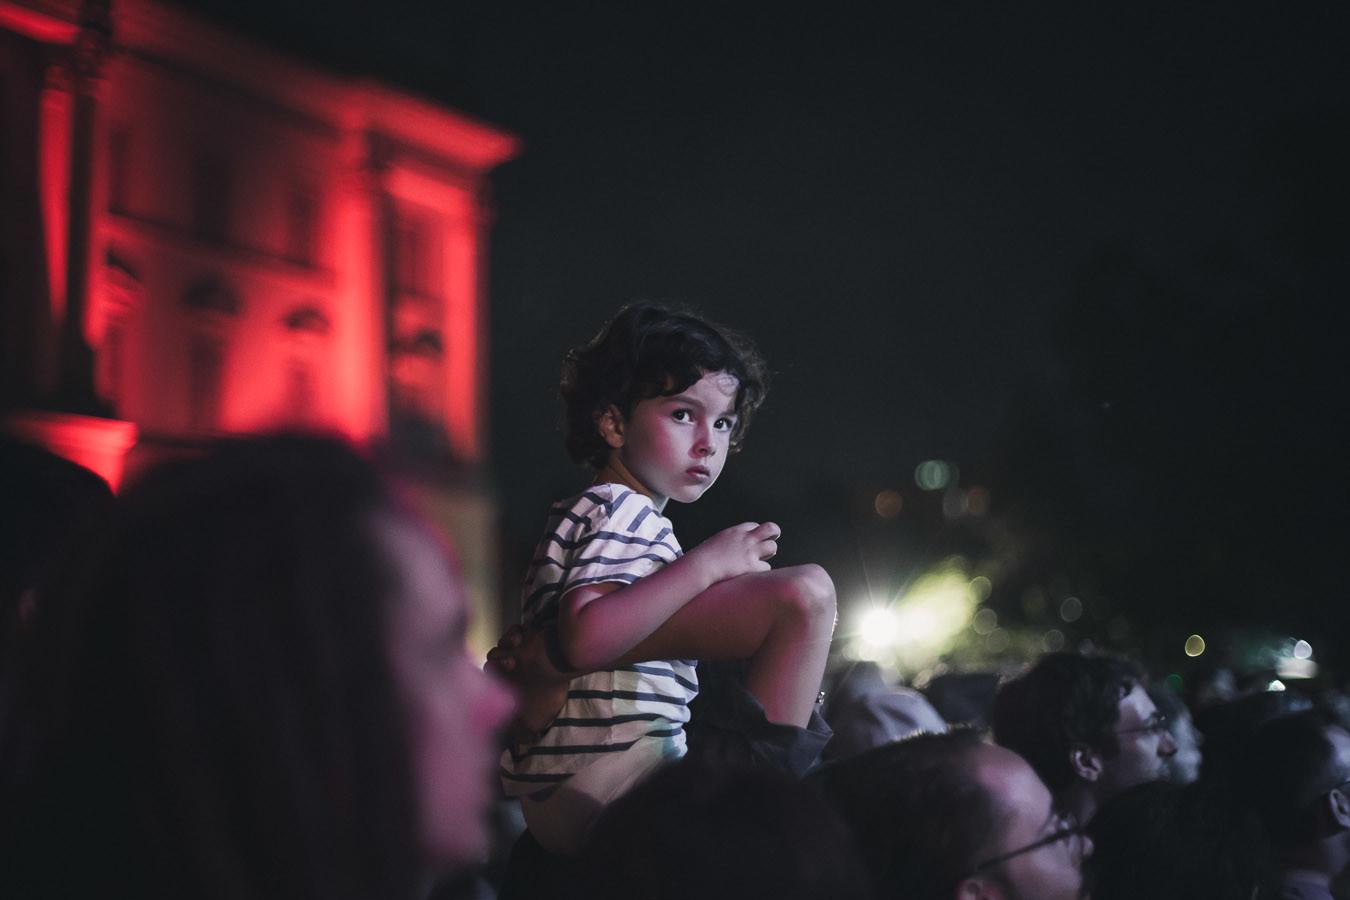 fotografo_eventi_concerti_festival_desio_tittoni_foto_marco_reggi_204